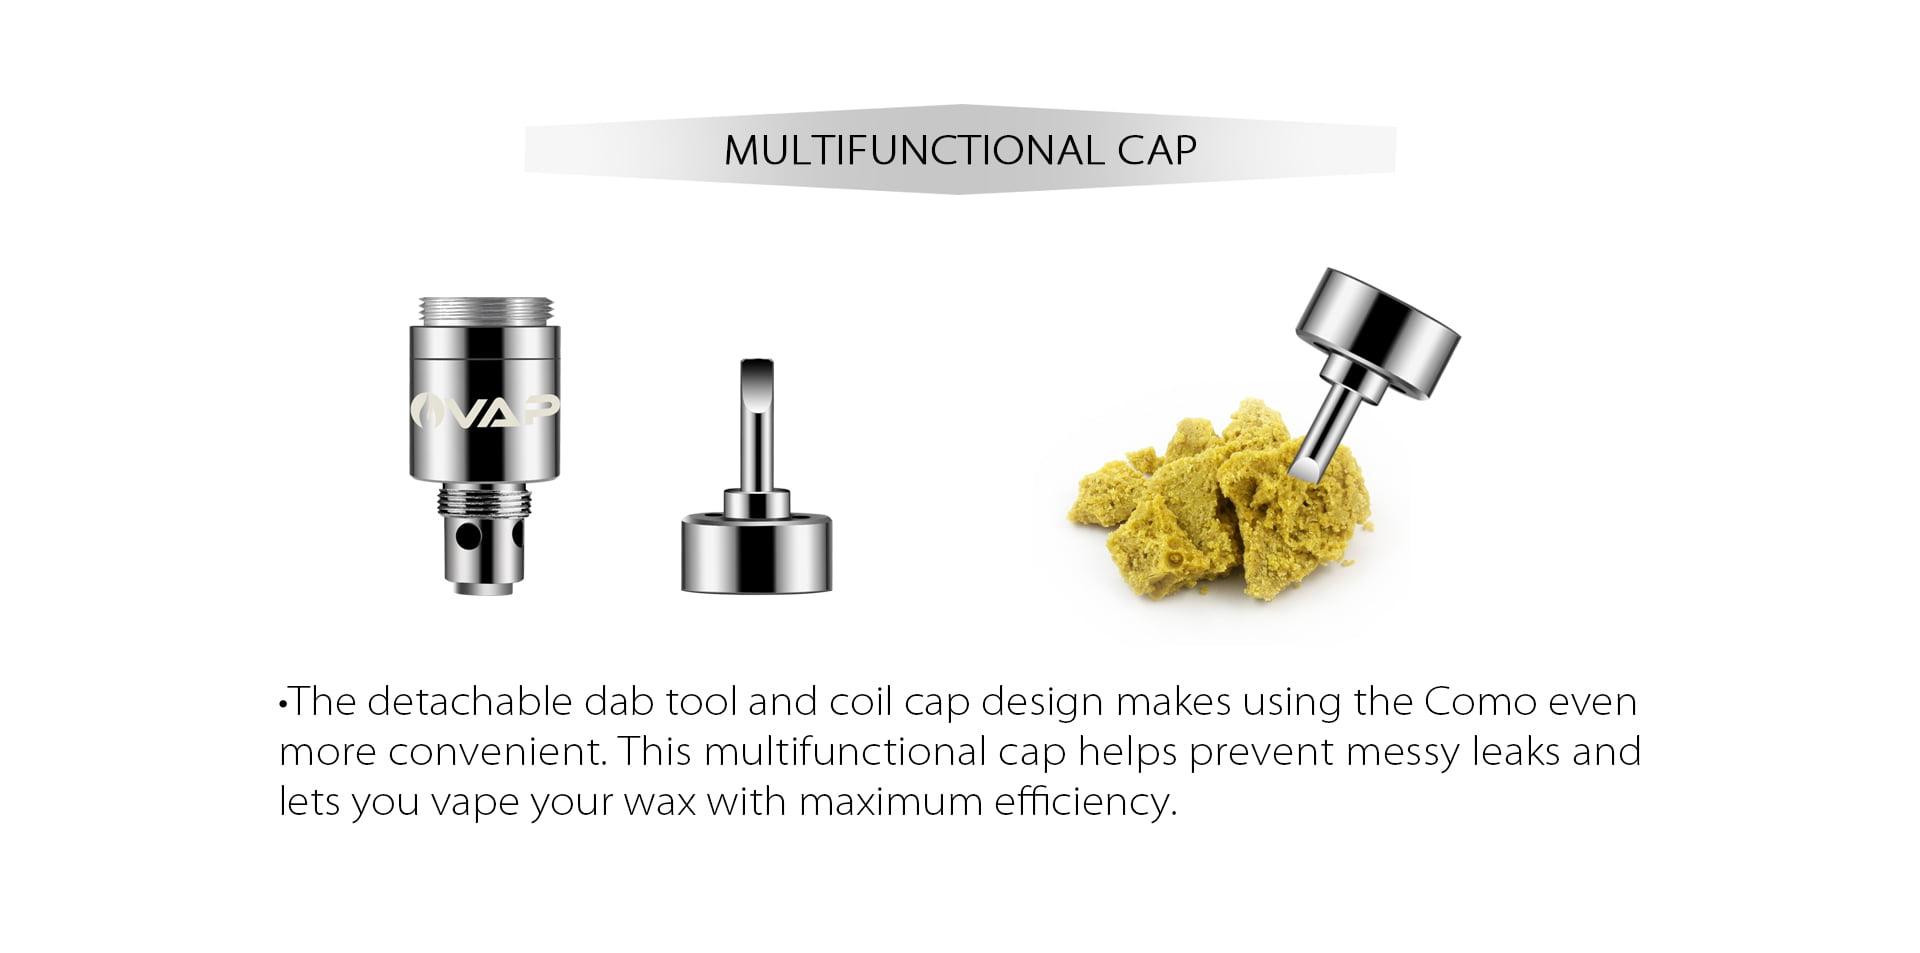 Como multifunctional coil cap